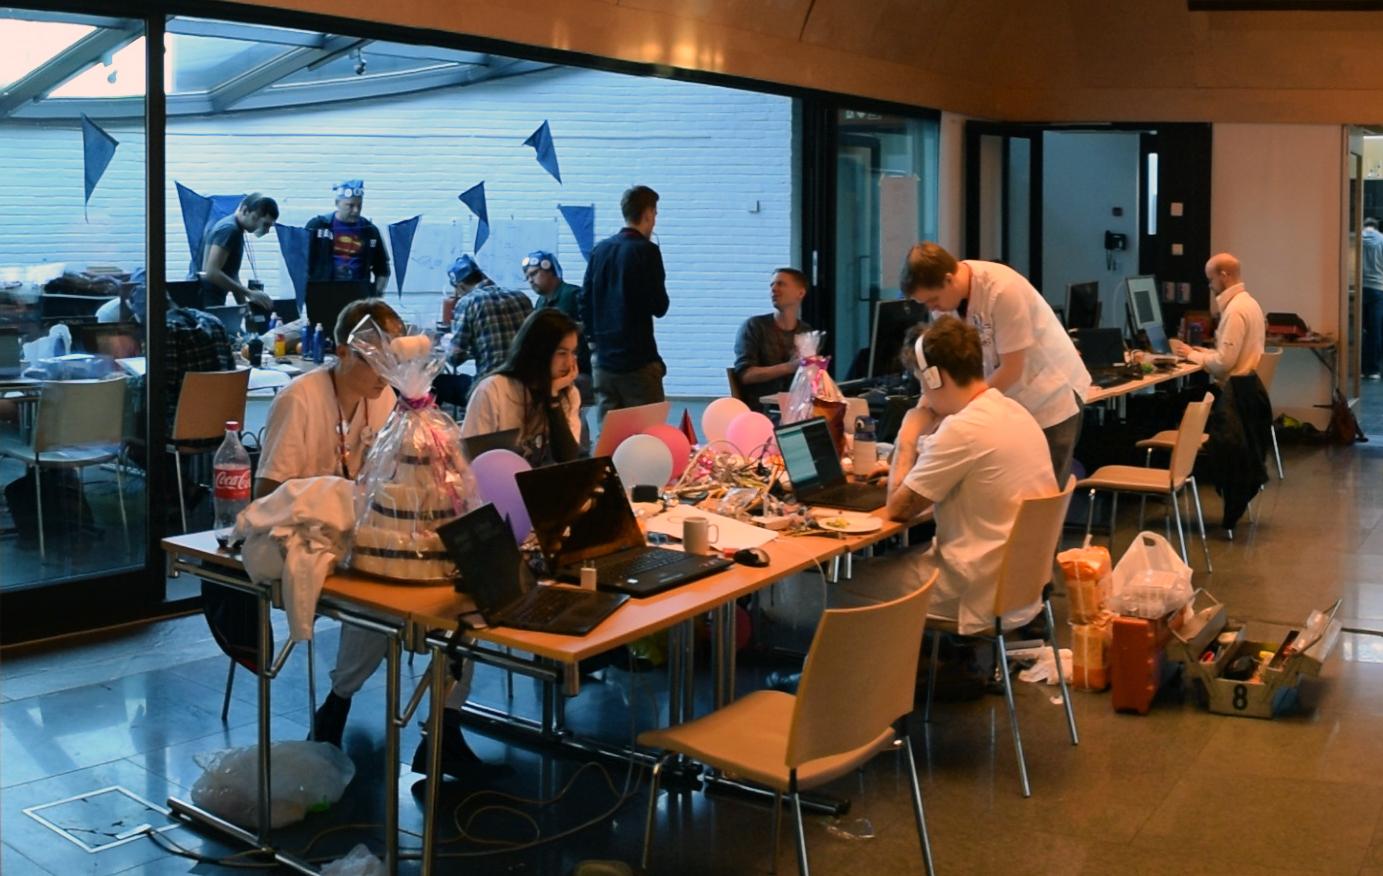 På ArIot møtes likesinnede program- og maskinvarehackere for å samarbeide om Tingenes Internett-prosjekter.